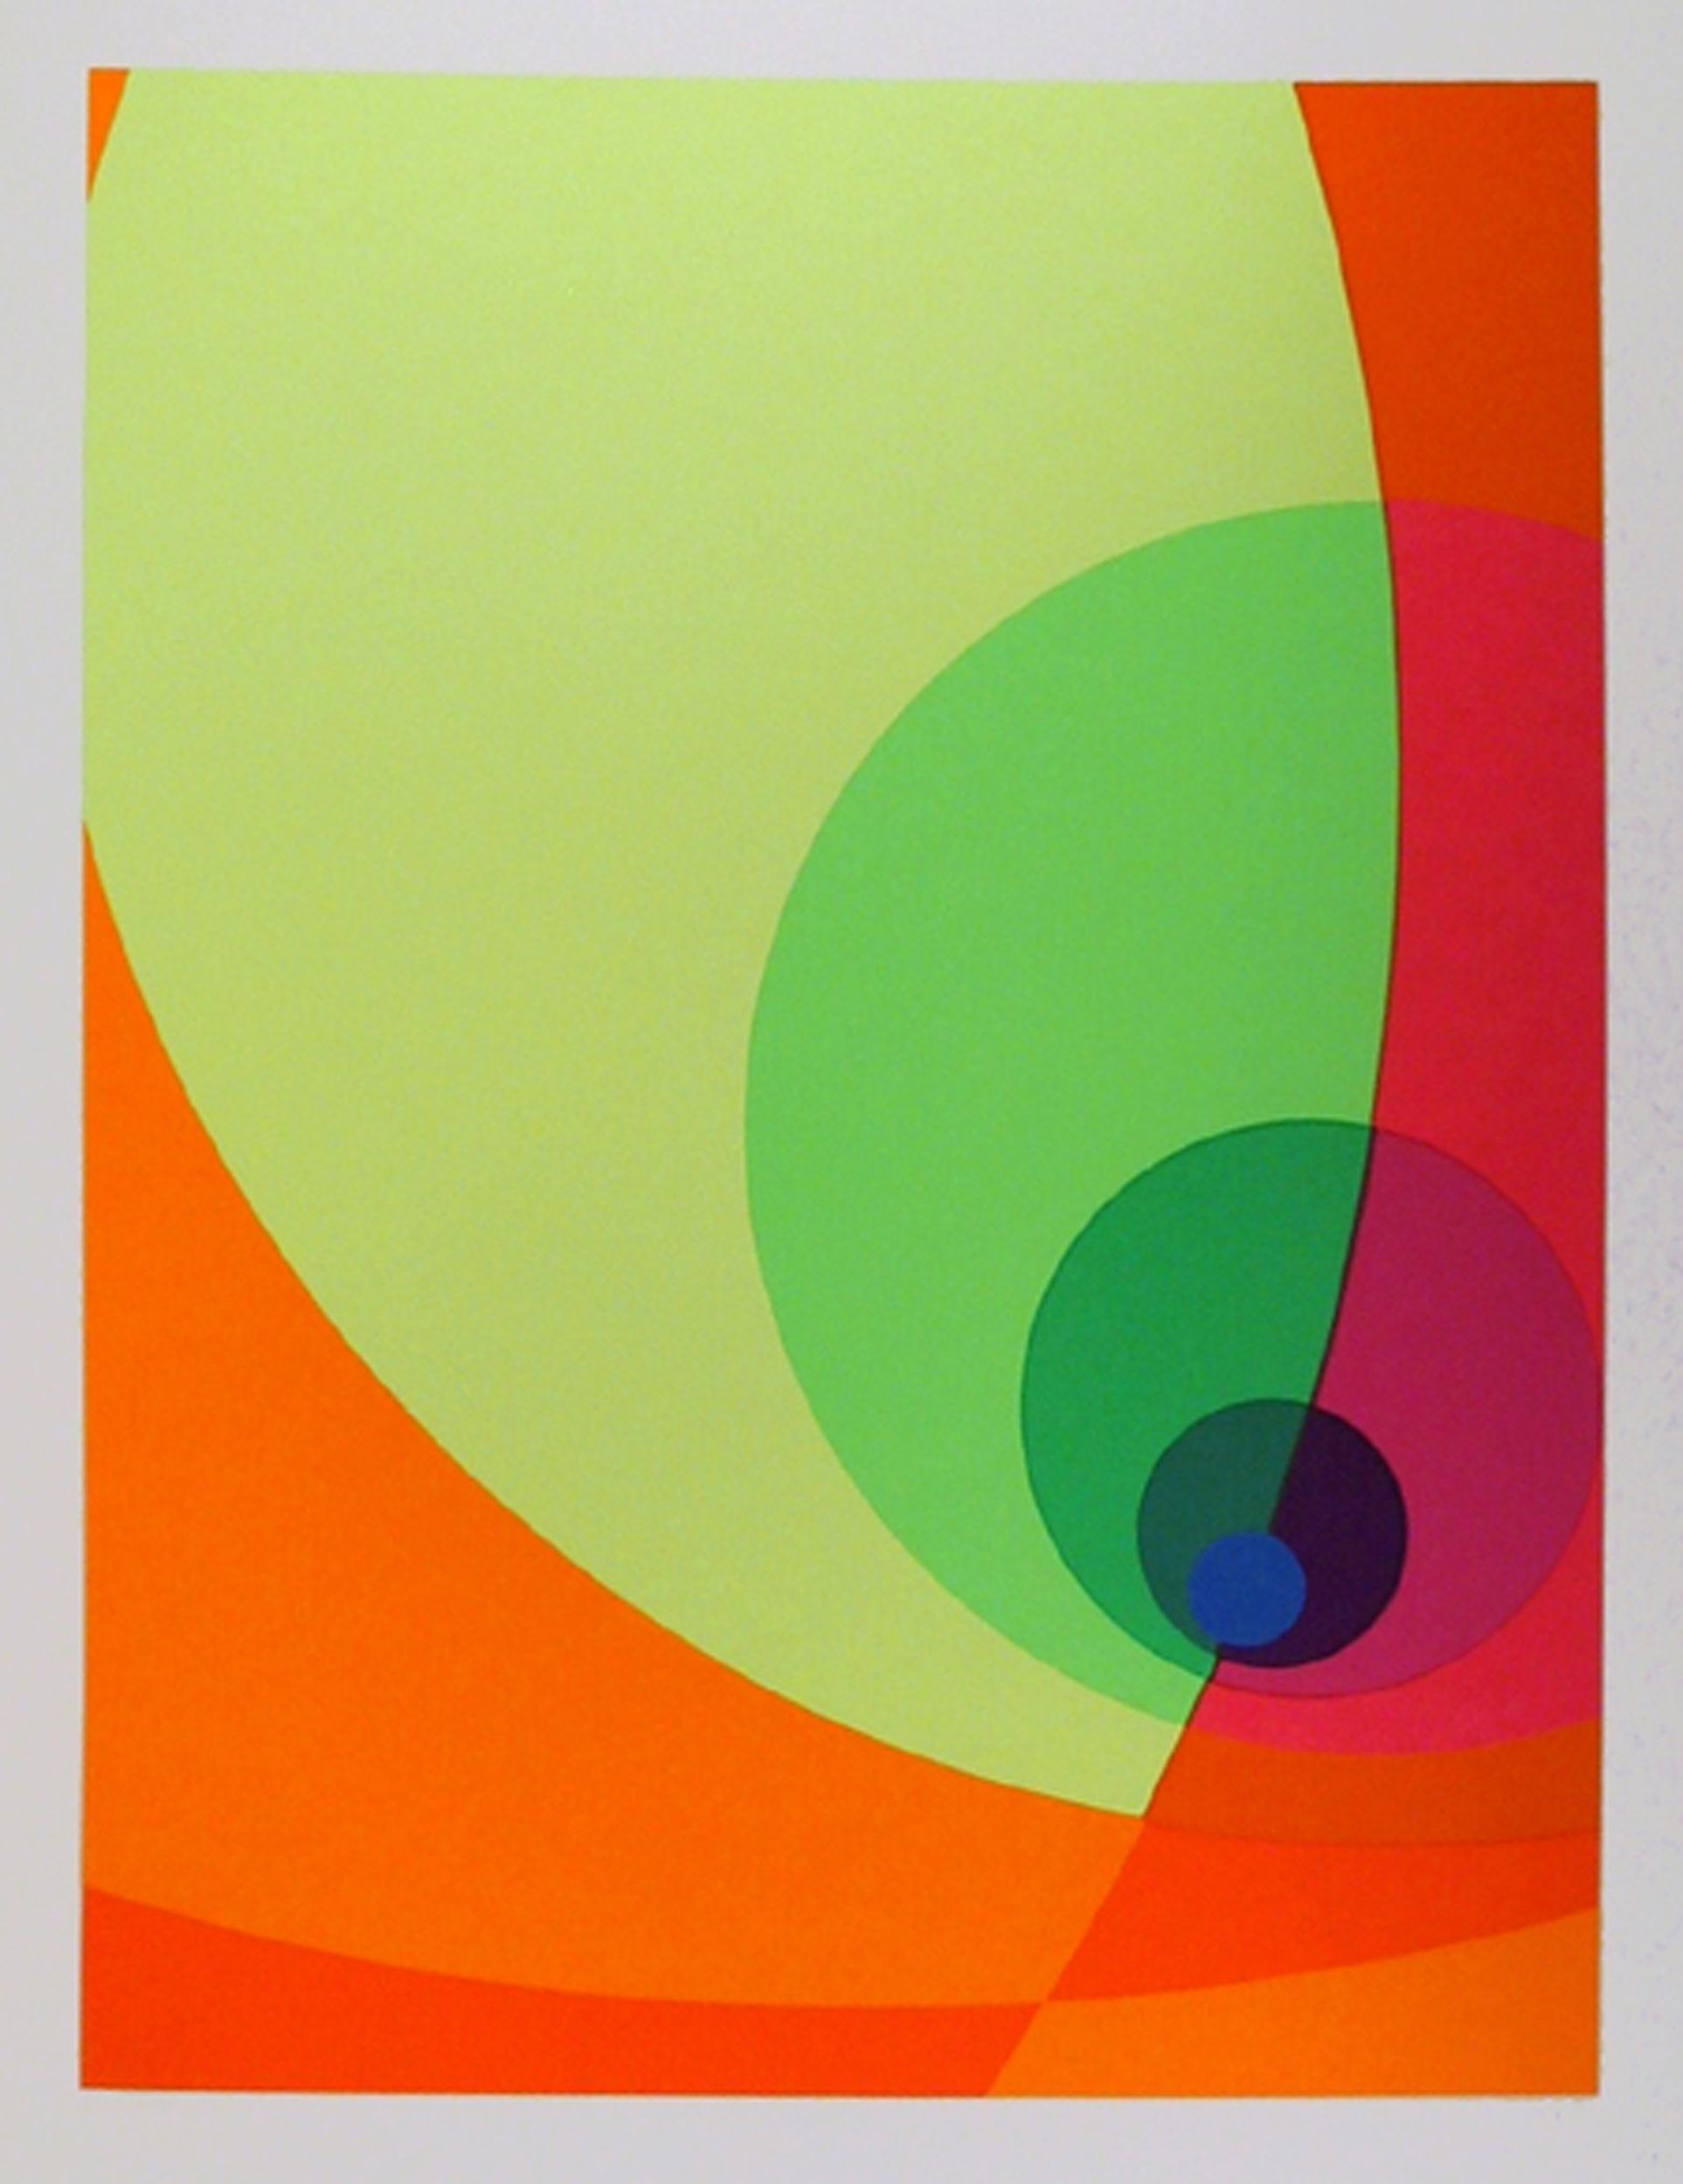 Herbert Aach, Split Infinity #14BS, Silkscreen